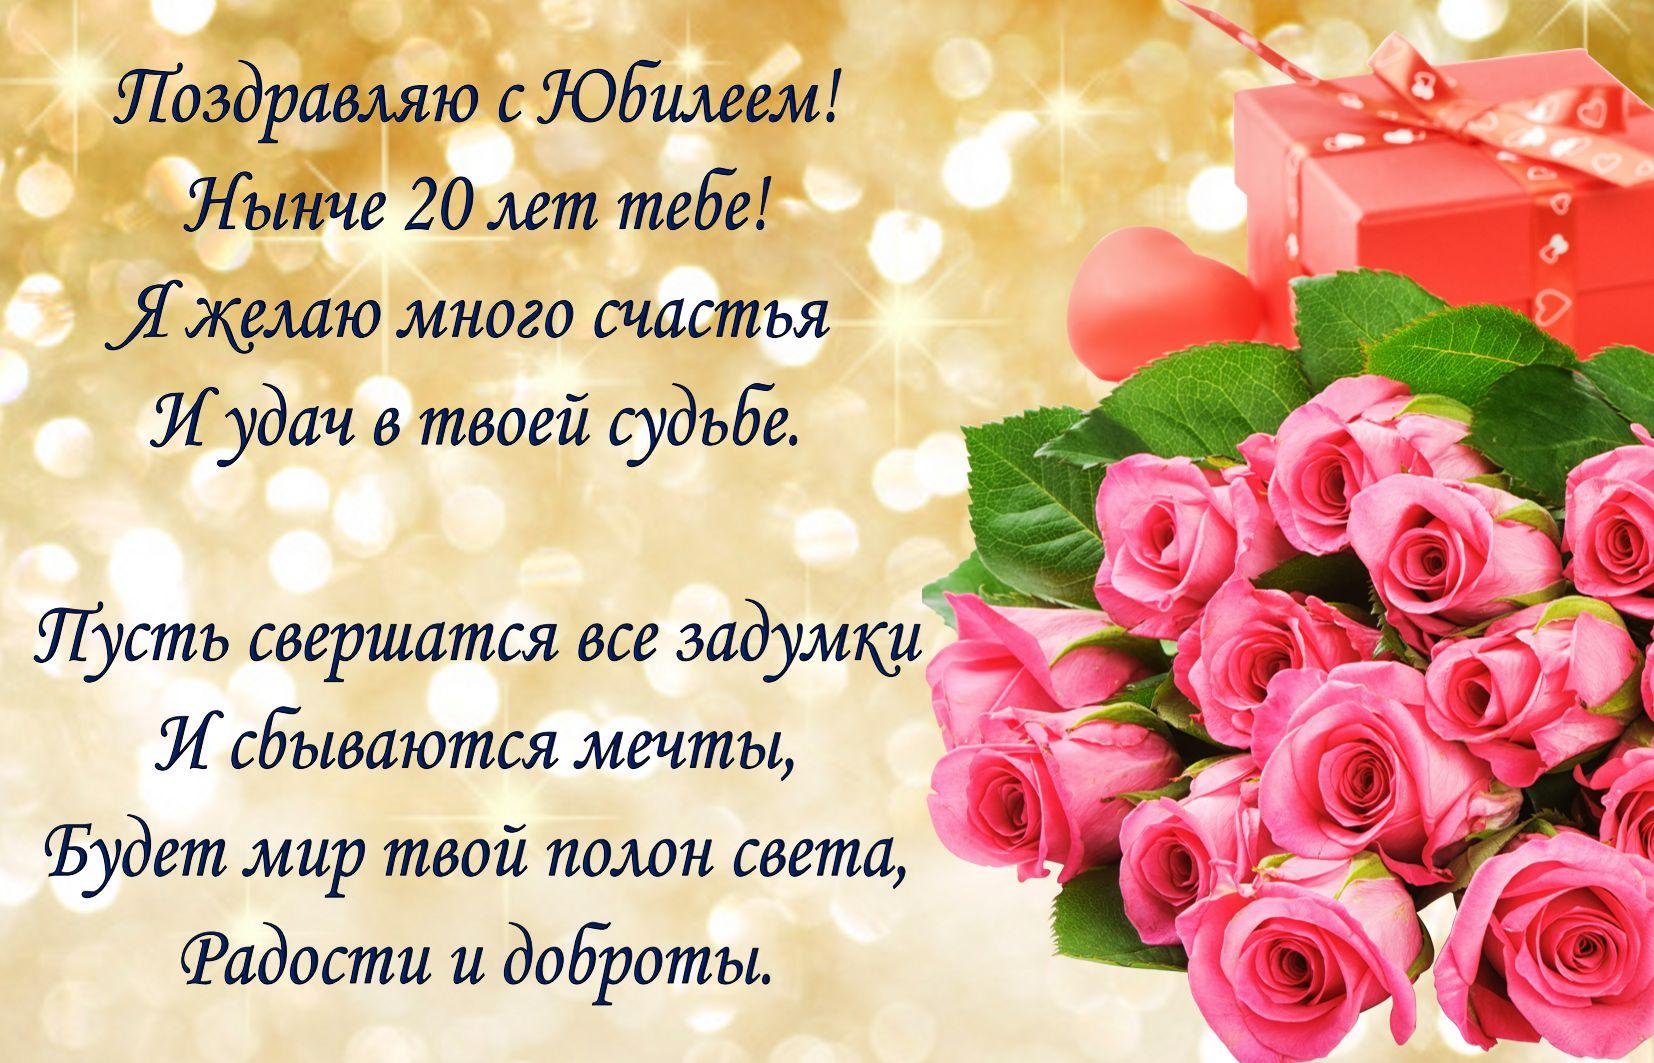 Пожелание к юбилею и букет из роз